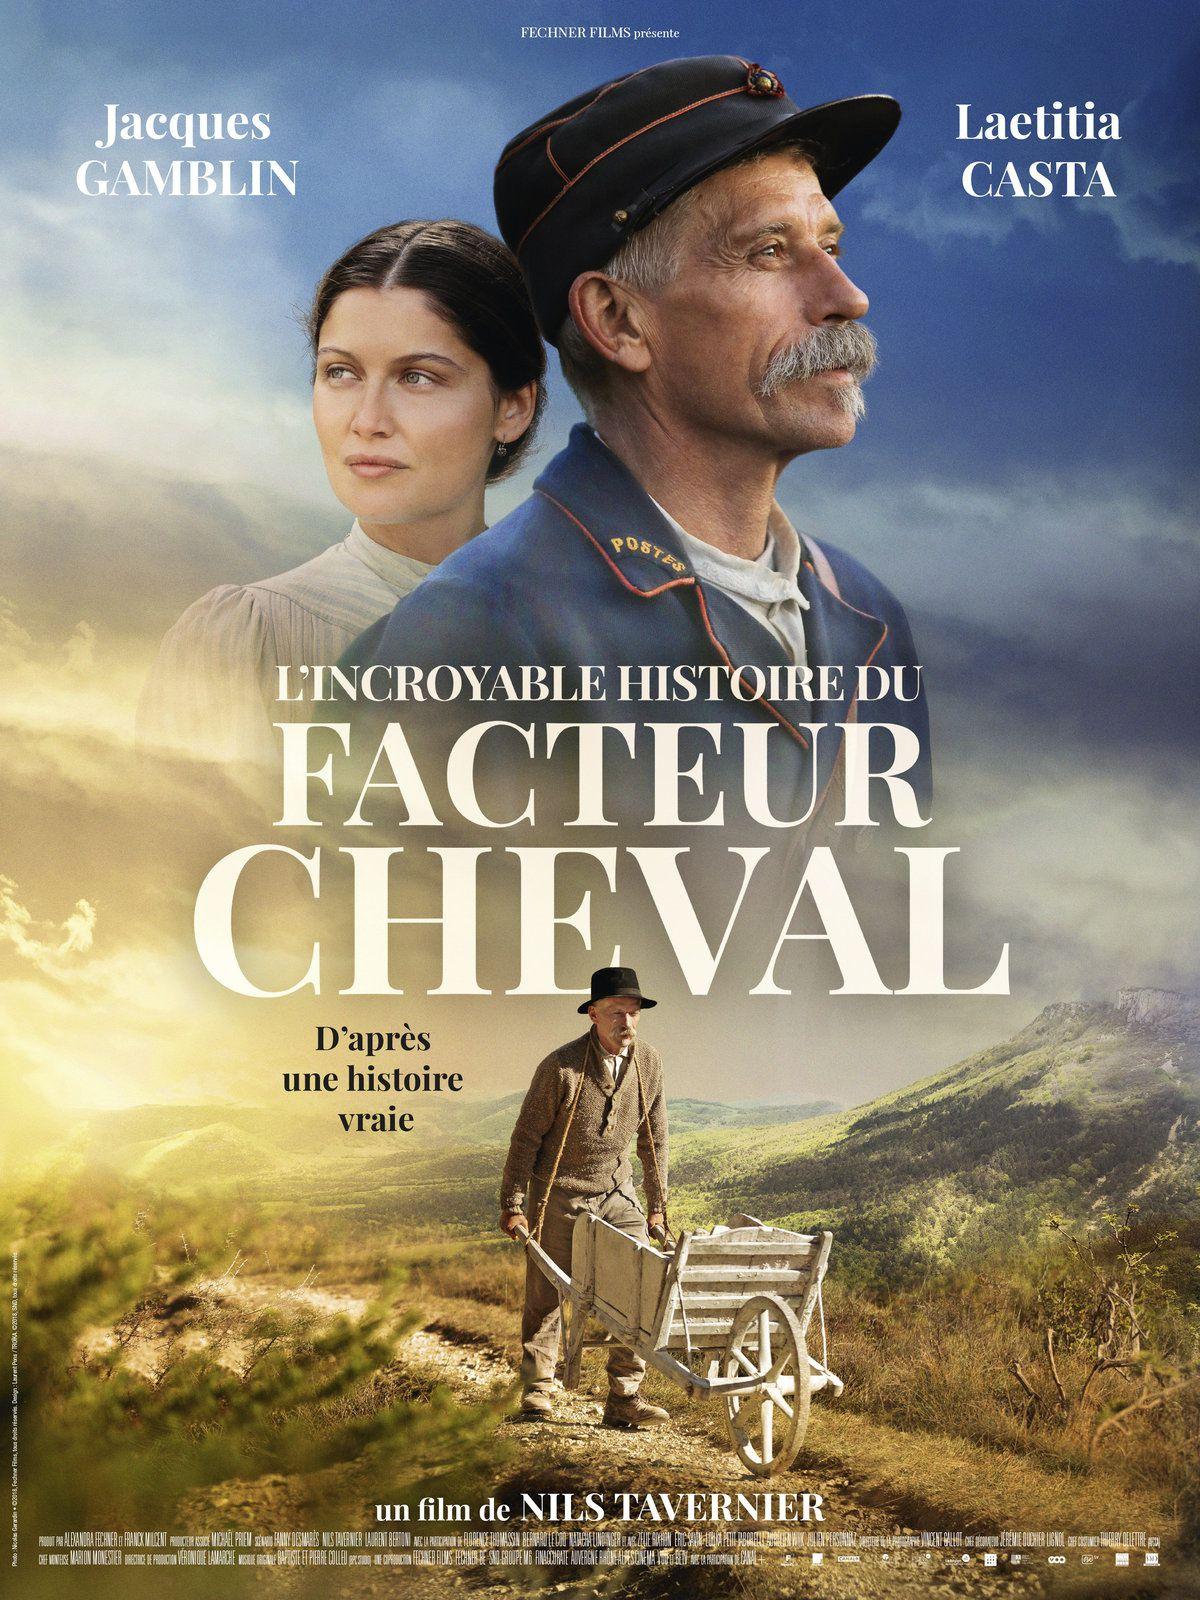 L'INCROYABLE HISTOIRE DU FACTEUR CHEVAL avec Jacques Gamblin, Laetitia Casta - Découvrez la bande-annonce – Au cinéma le 16 janvier 2019